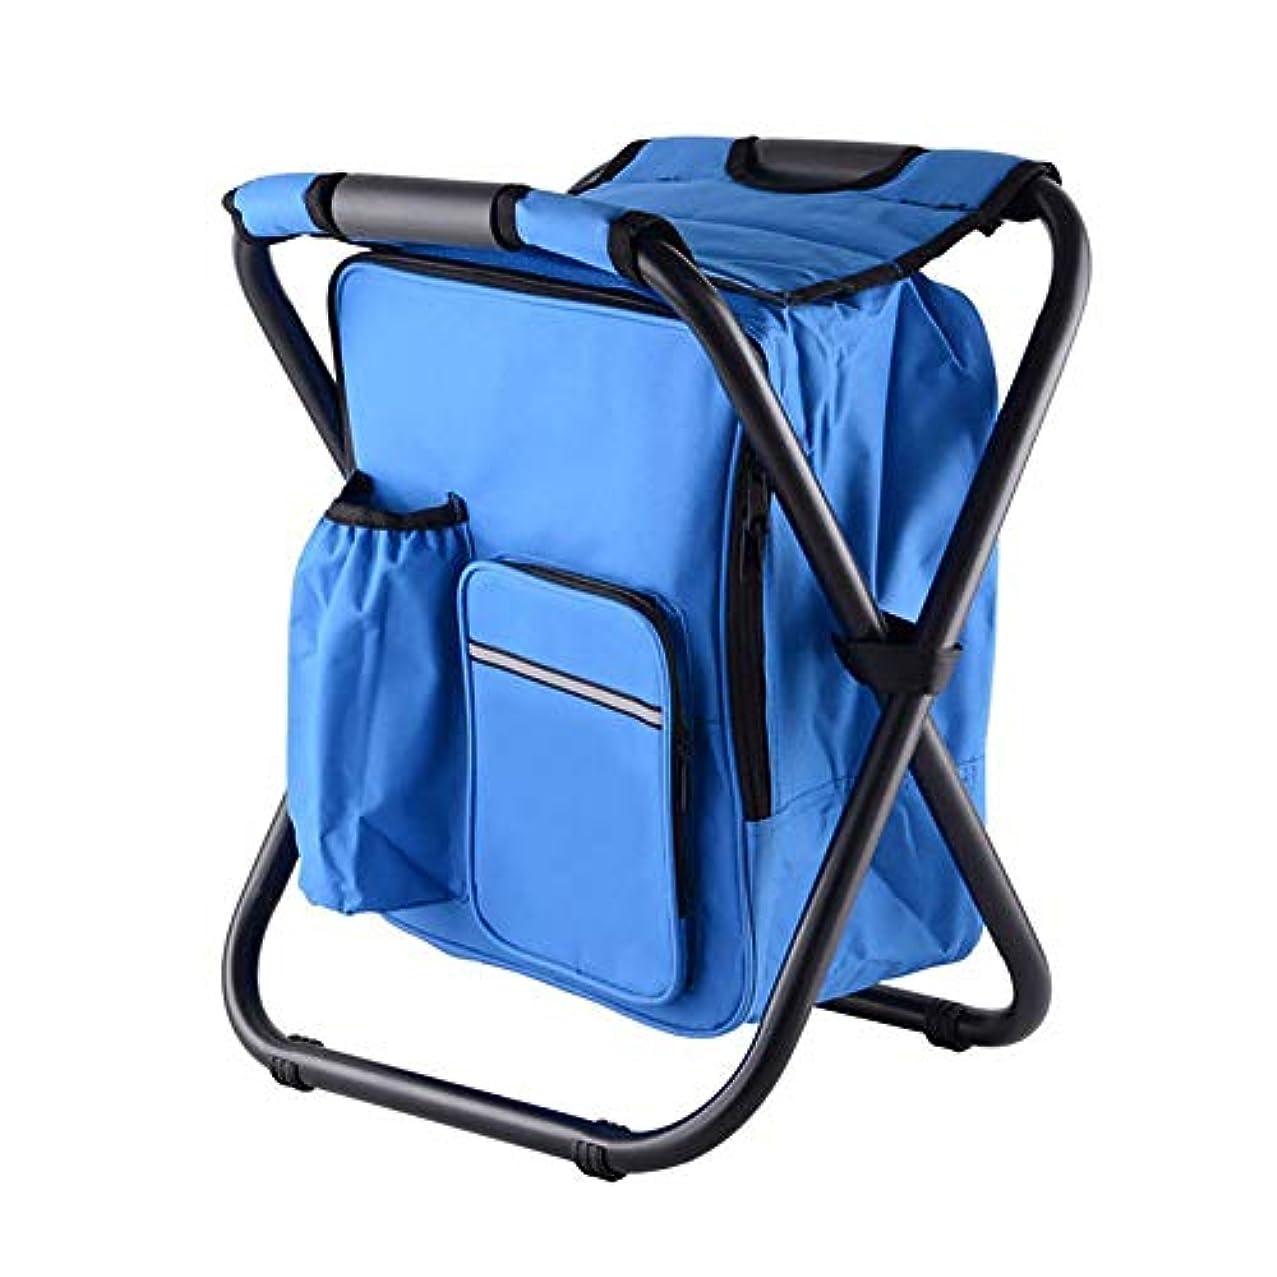 パノラマカップ公式アウトドアチェア 折りたたみ式キャンプスツール付きバックパック - コンパクトポータブルガーデンチェア - ダブルショルダーストラップのデザイン - 負荷150キログラム - 野外活動、キャンプ、バーベキュー,ビーチ、バックパッキングその他 (色 : 青, サイズ さいず : 36x29x41cm)